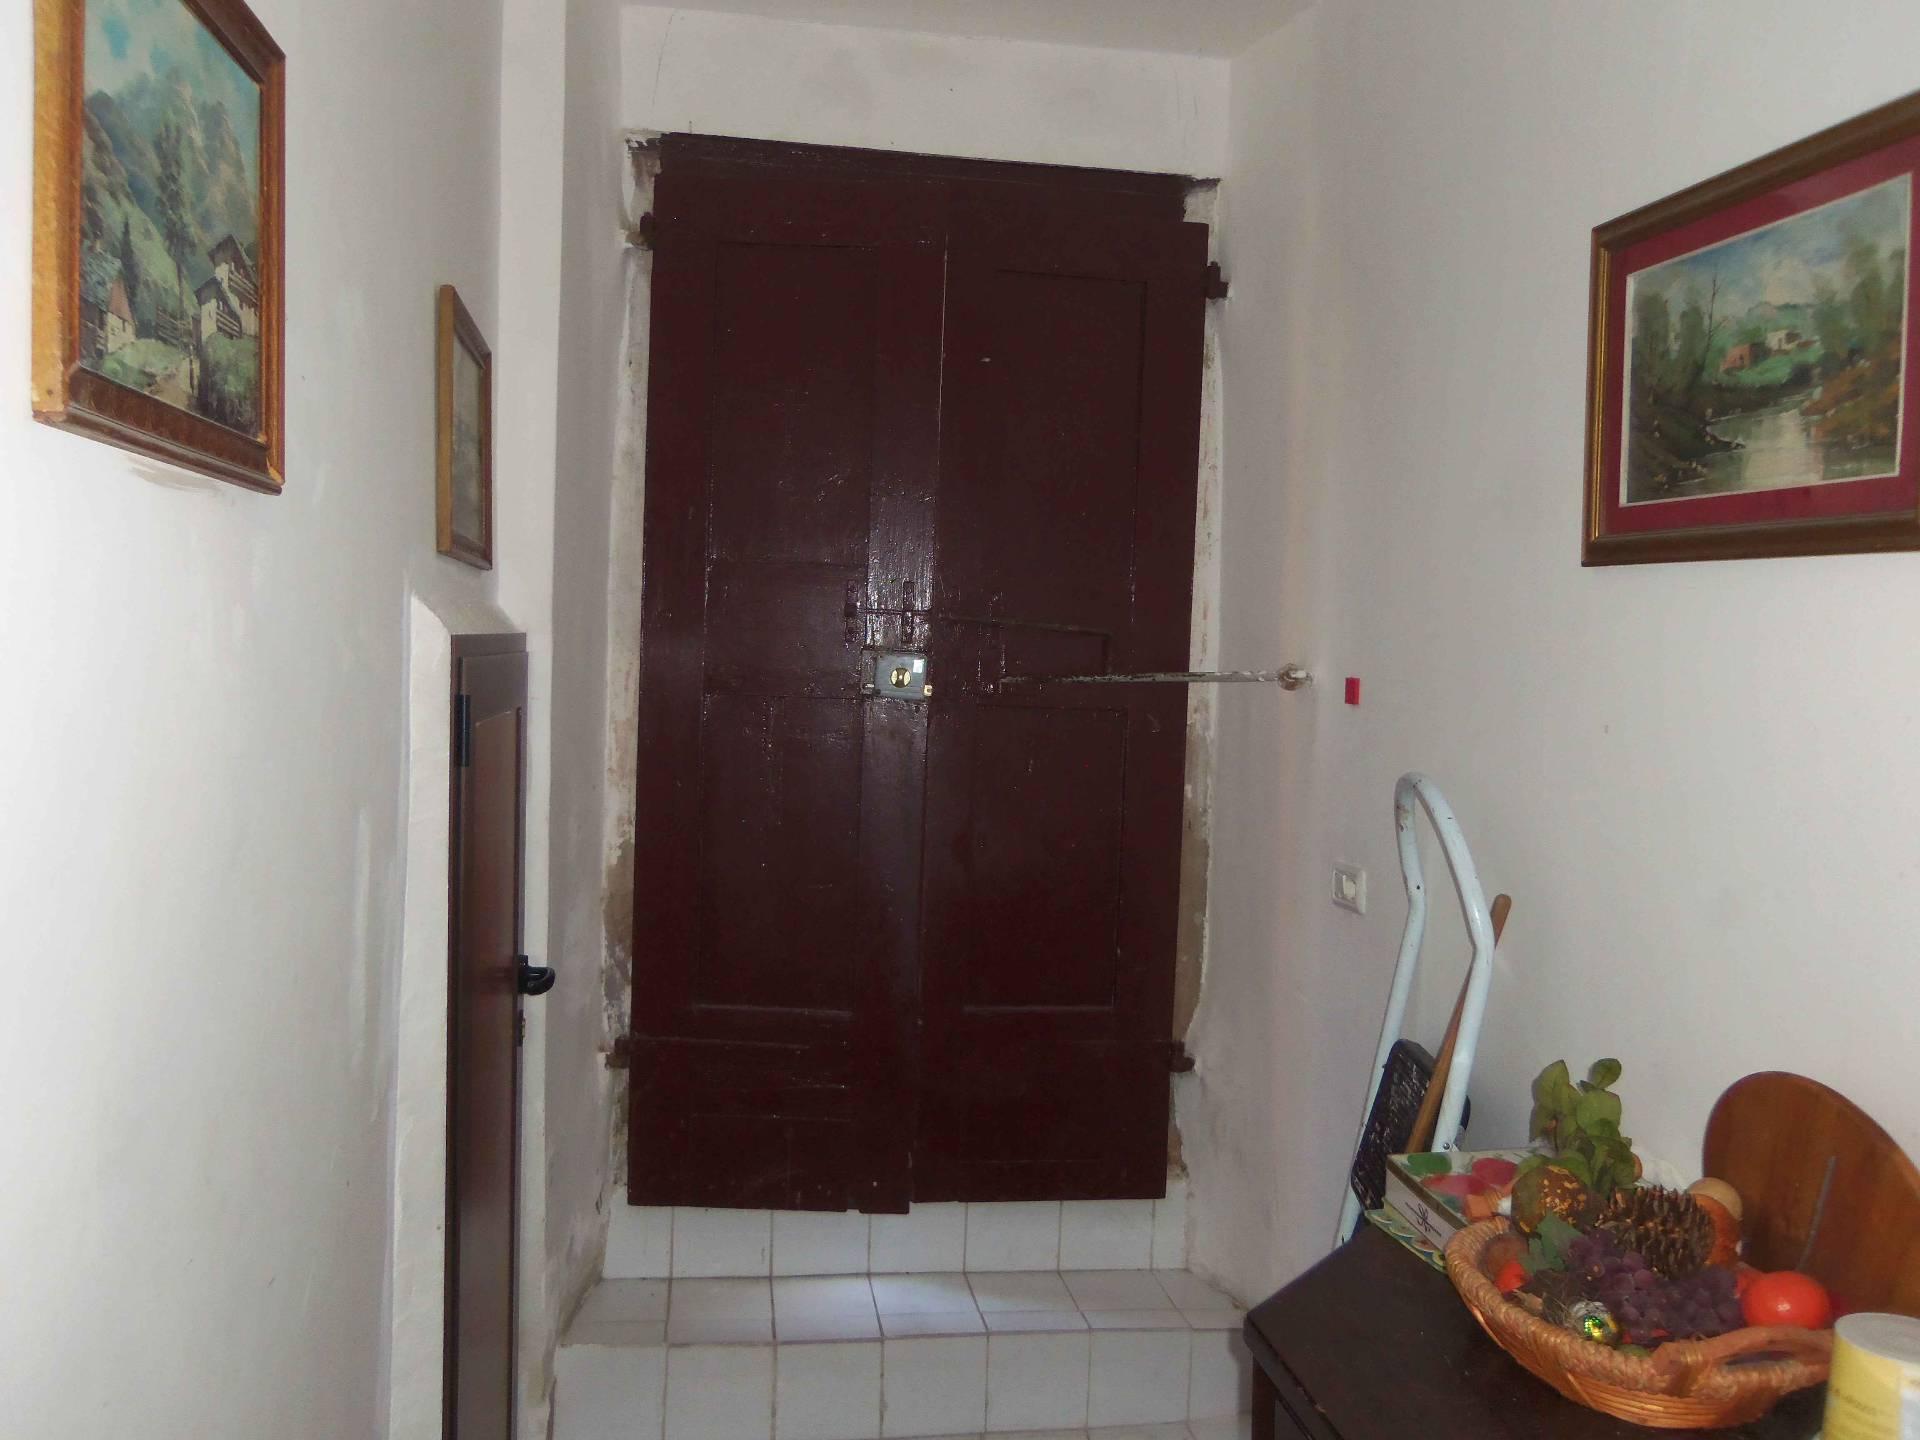 Appartamento in vendita a Acquaviva Picena, 4 locali, zona Località: Centrale, prezzo € 44.000 | CambioCasa.it